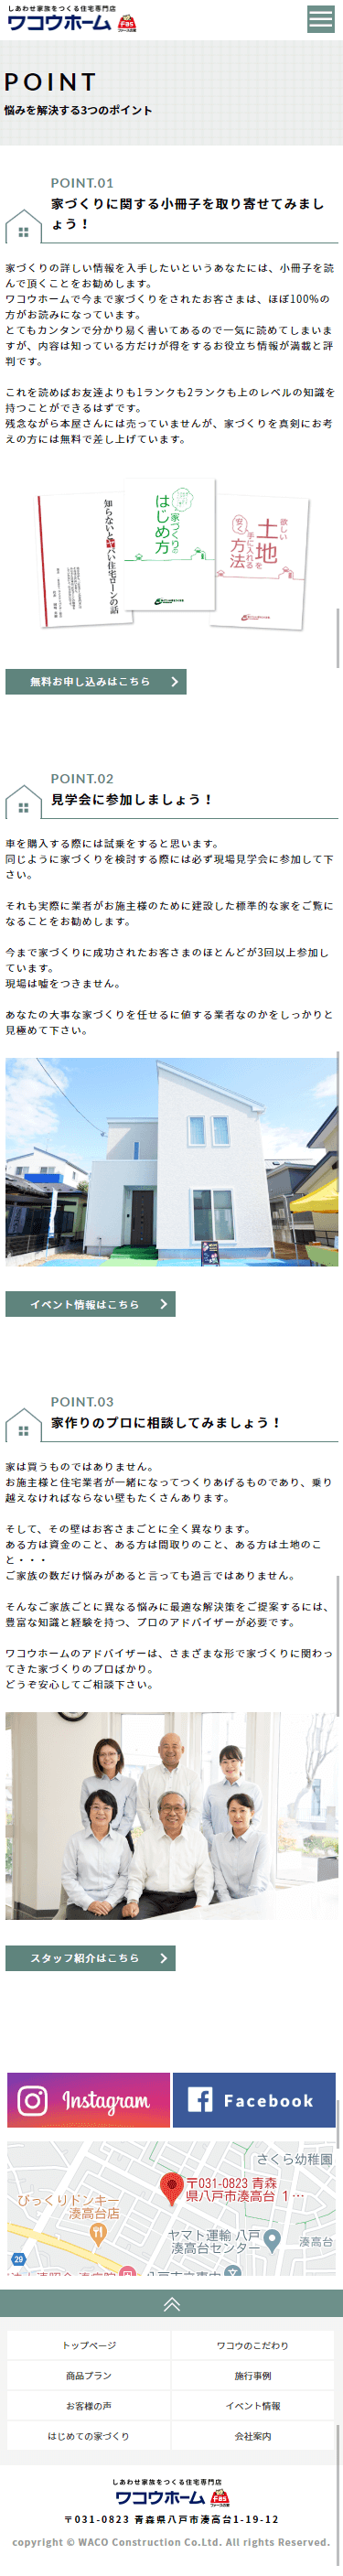 青森県 ワコウホーム ホームページ制作4